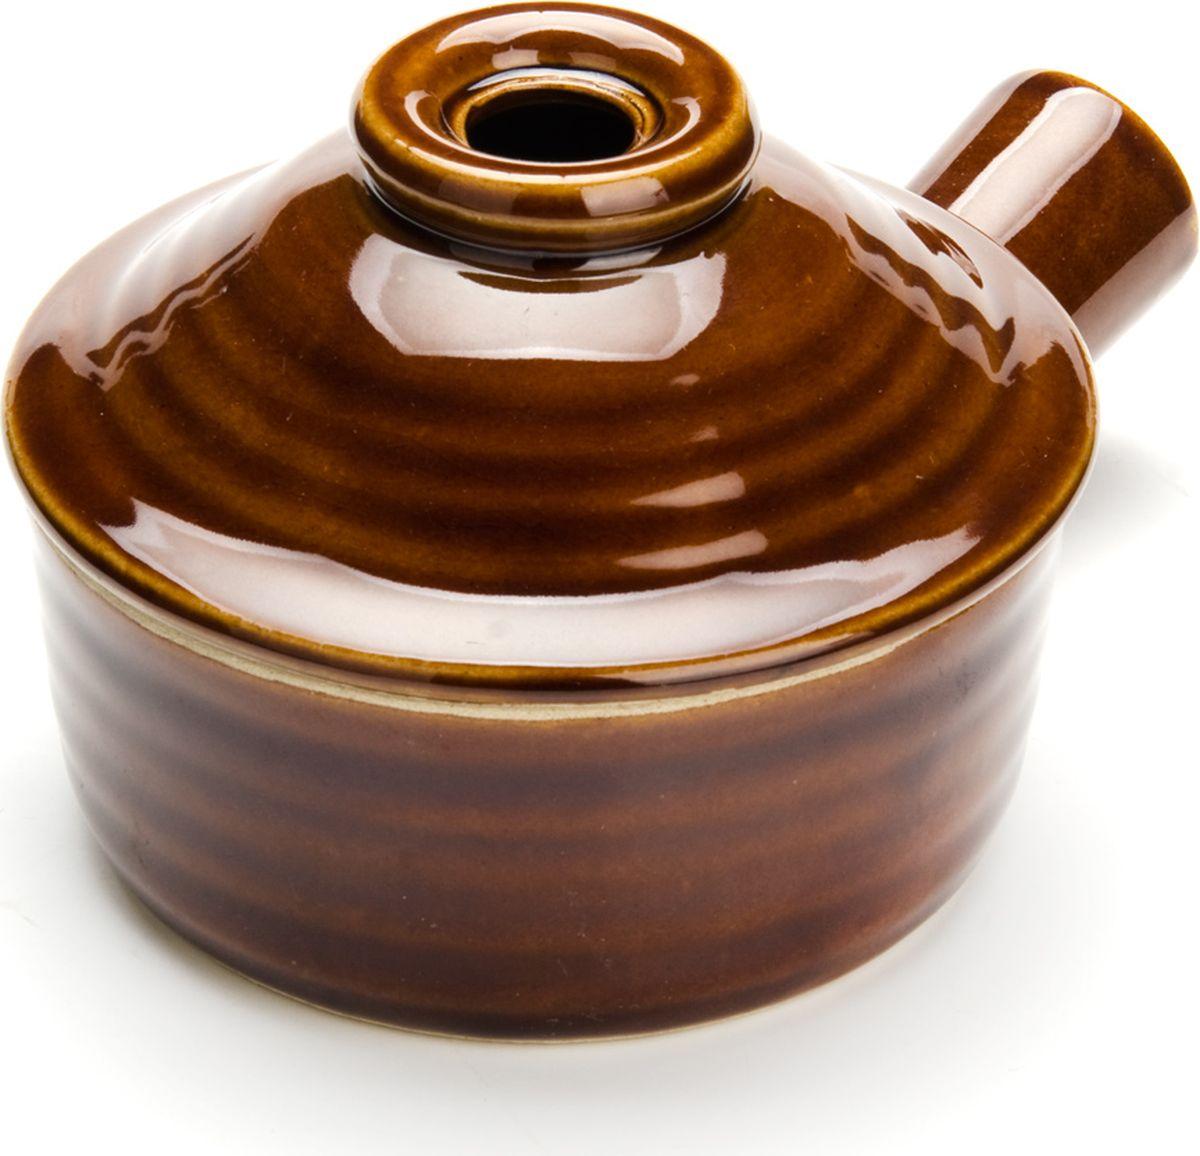 Кастрюля Mayer & Boch для микроволновки, 300 мл54 009312Благодаря инновационной системе пароотвода, которая дает возможность циркуляции пара во время готовки, а также, благодаря компактному размеру - блюдо готовится за считанные минуты. Поверхность кастрюли имеет антипригарное покрытие, поэтому нет необходимости добавлять в блюдо масло, пища будет готовиться в собственном соку.В такой кастрюле можно приготовить суп, омлет, вторые блюда, различные десерты.Подходит только для использования в микроволновой печи. Не подходит для использования на всех типах плит и в духовых шкафах.Объем: 300 мл.